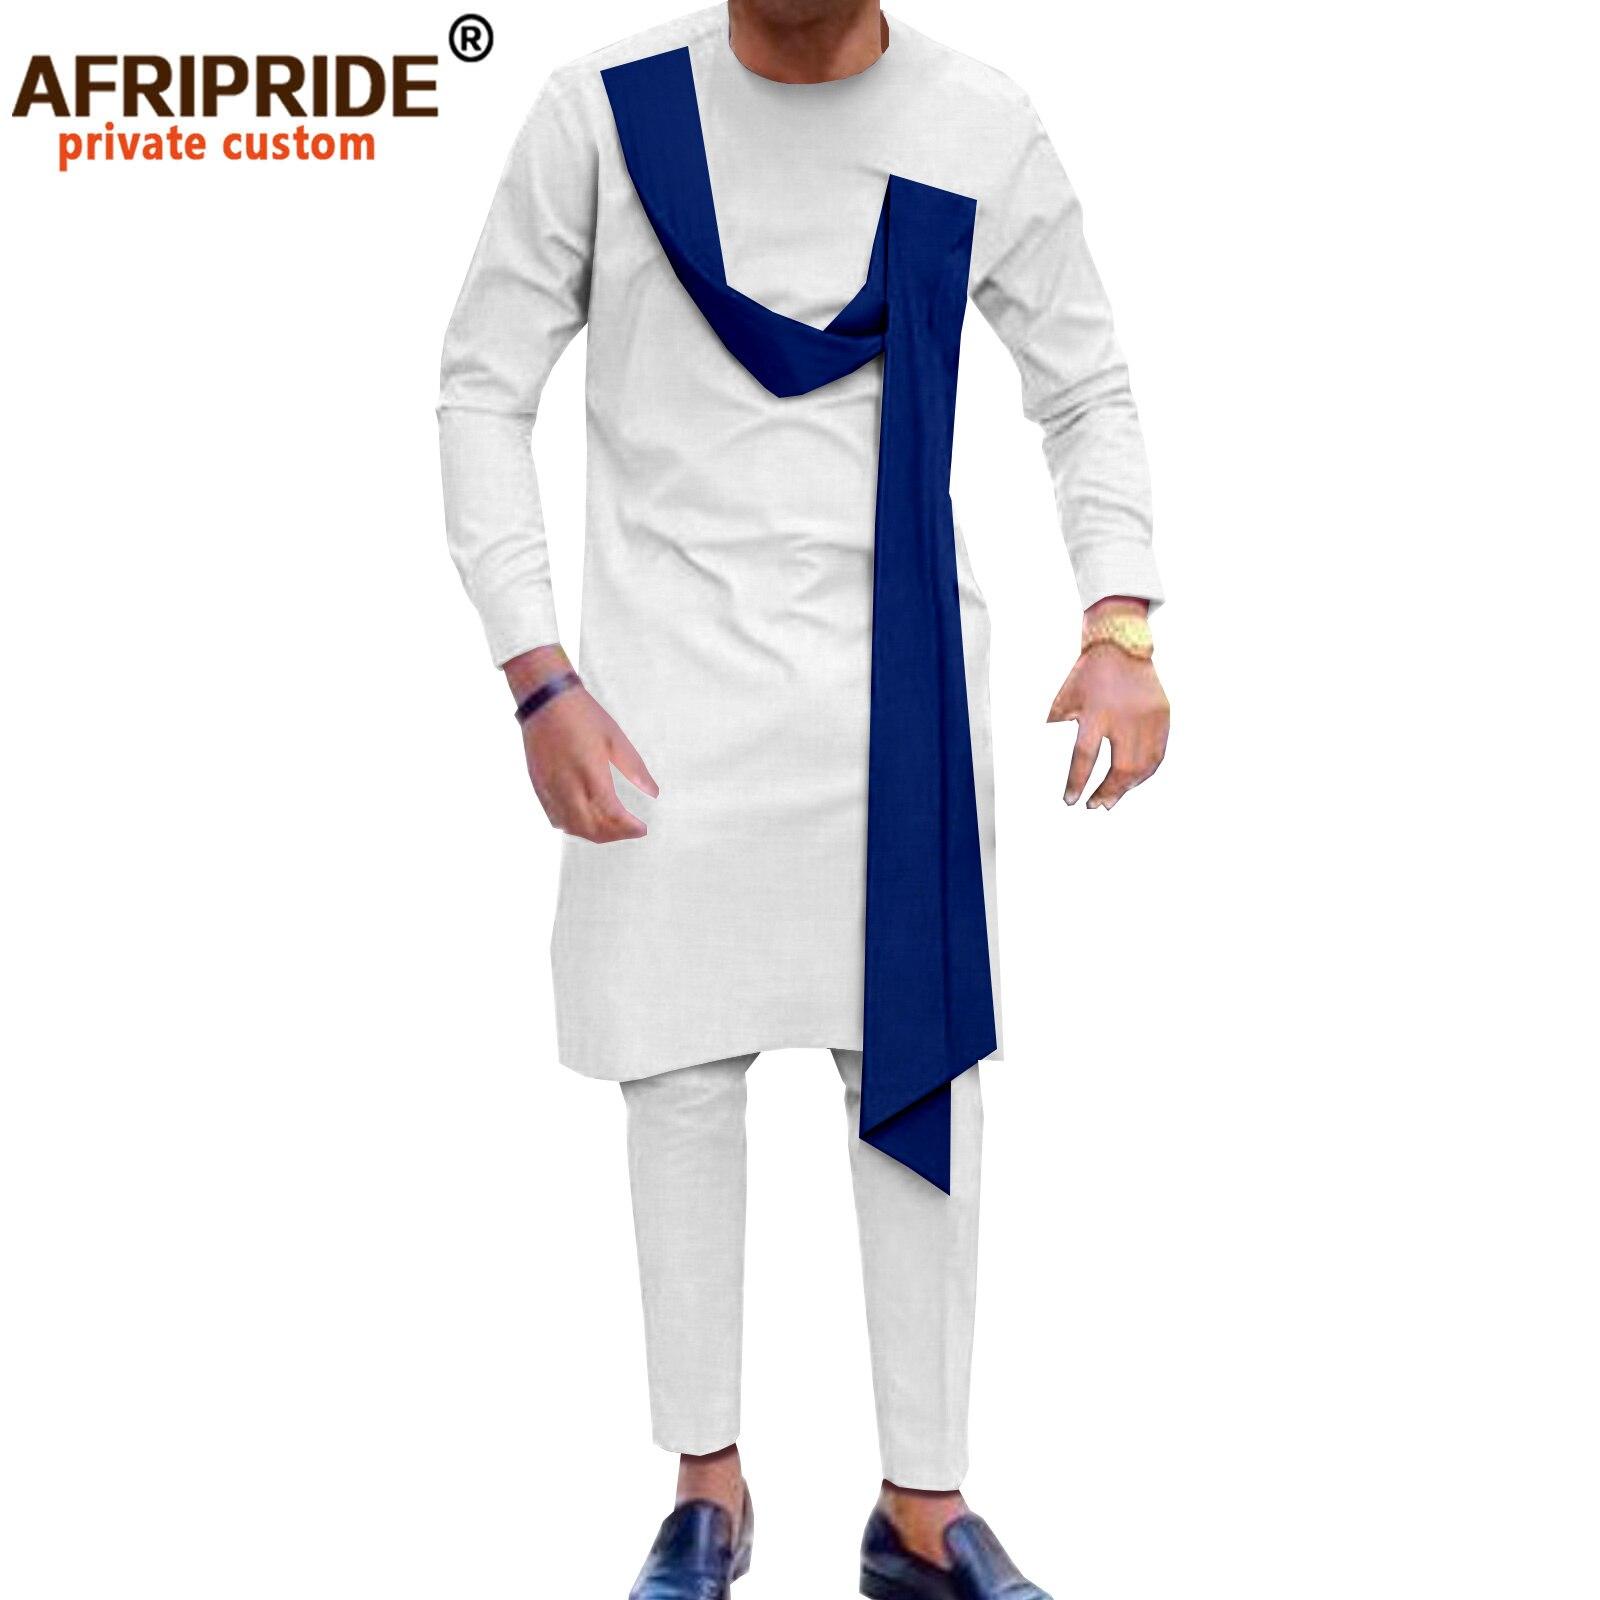 الملابس التقليدية الأفريقية للرجال طويلة الأكمام Dashiki القمصان والسراويل 2 قطعة مجموعة ملابس القبلية لحفل الزفاف A2116017